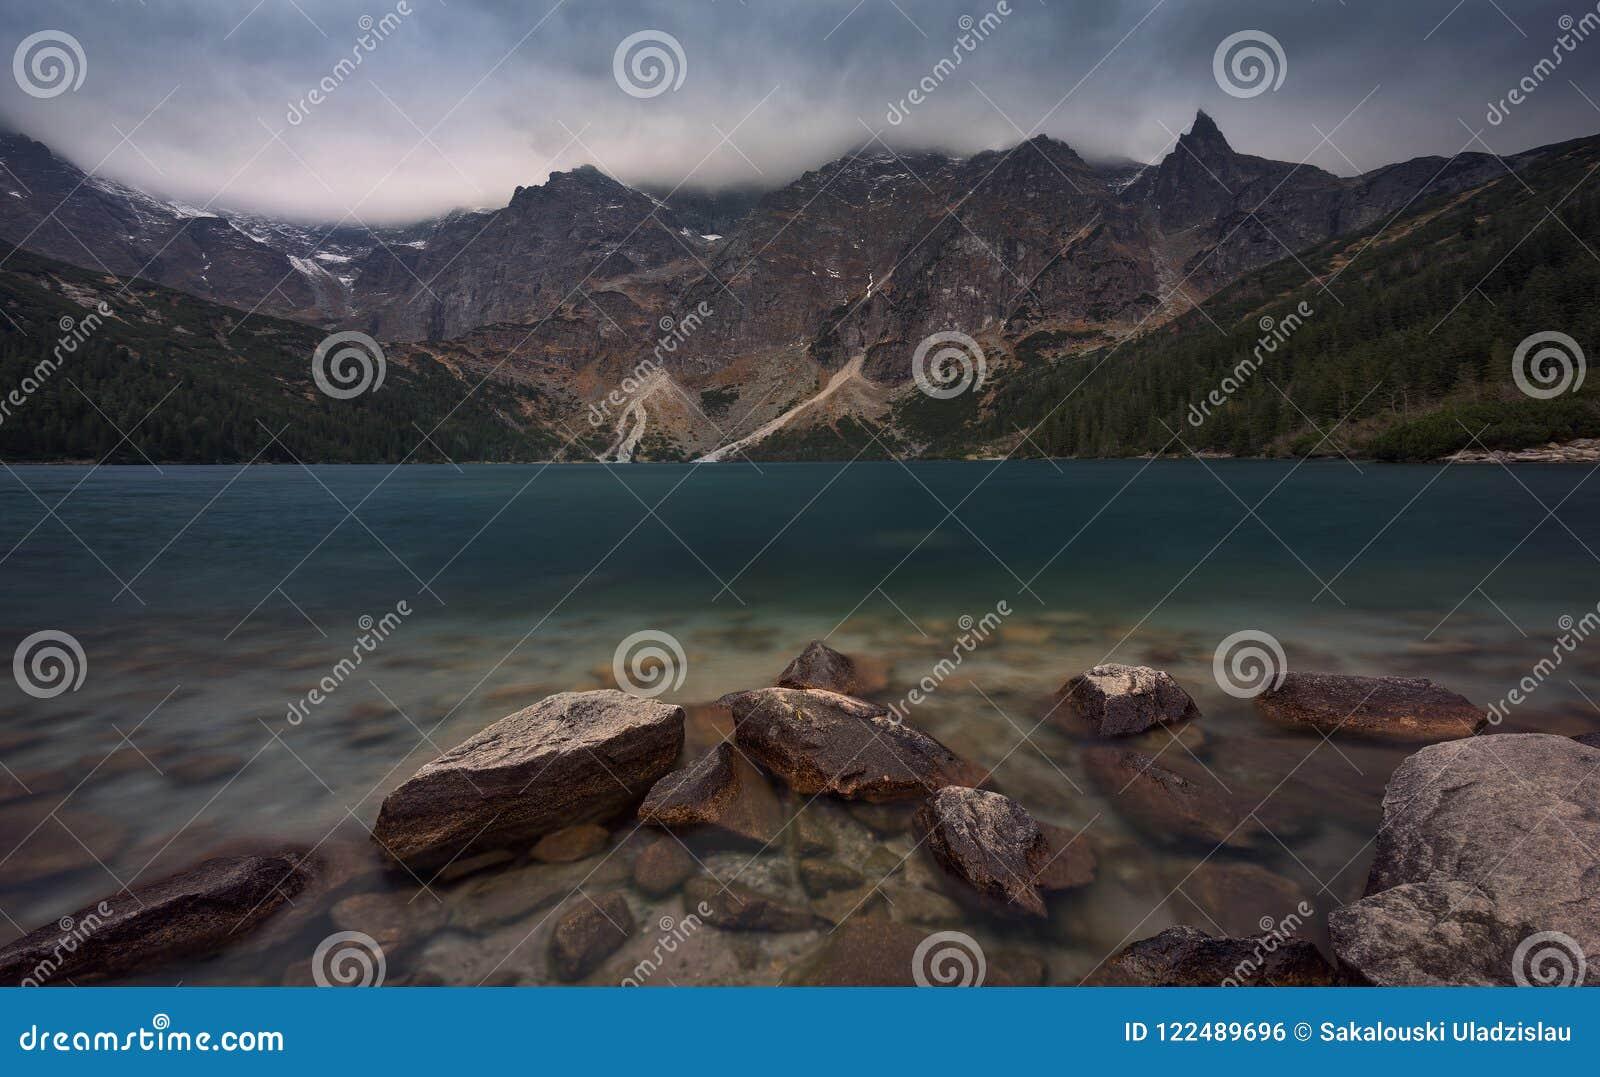 Anblick von Polen und Zakopane, Perle von hohen Tatra-Bergen - alpines Auge See Morskie Oko des Meeres, bekannt für seinen Emeral